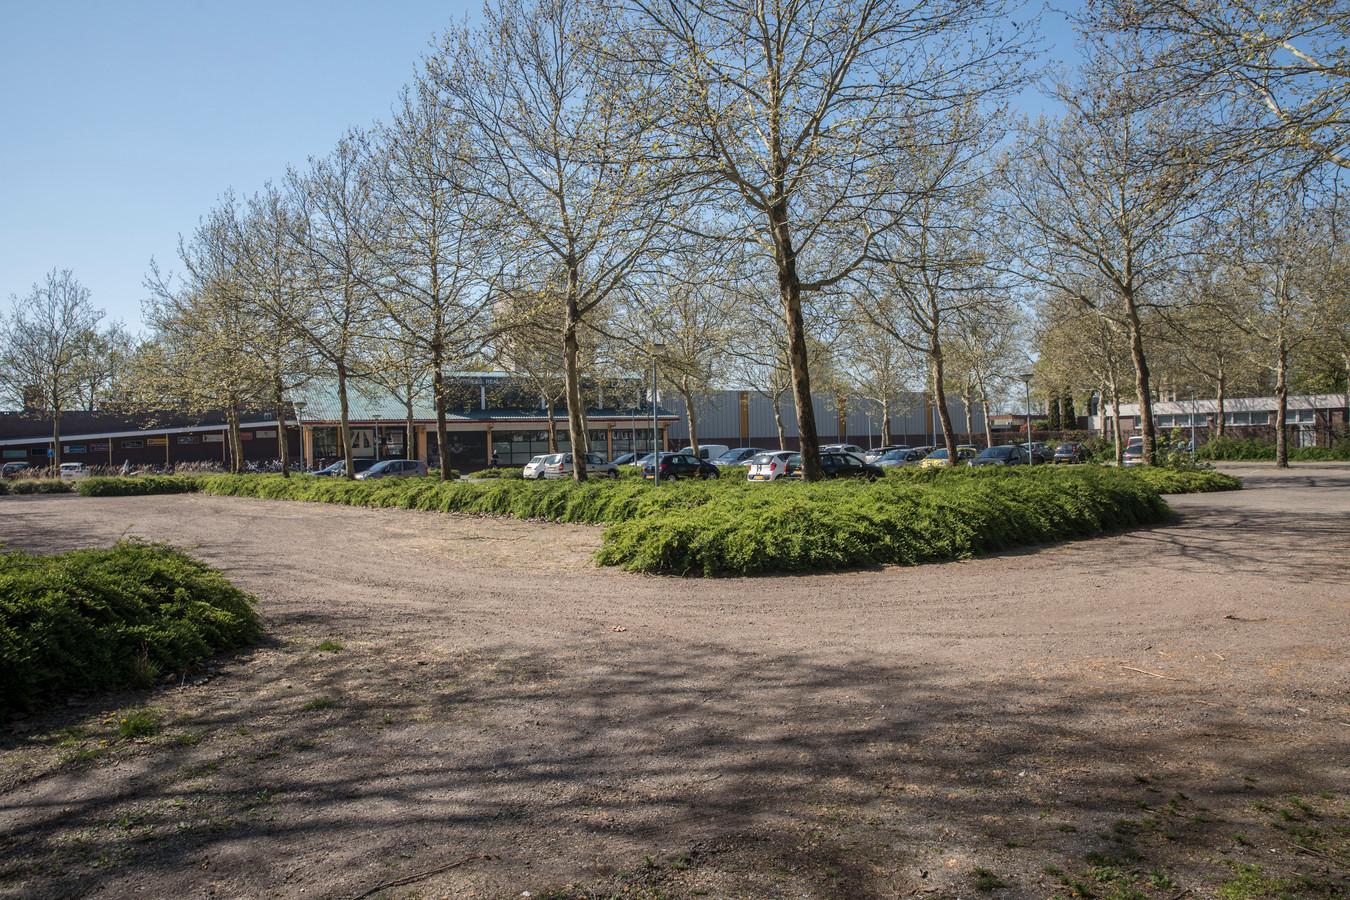 Het Fitland-complex in Gemert, met op de voorgrond het parkeerterrein dat het sportcentrum 'om niet' van de gemeente mag gebruiken. Fitland wil daar in de toekomst wellicht woningen bouwen.